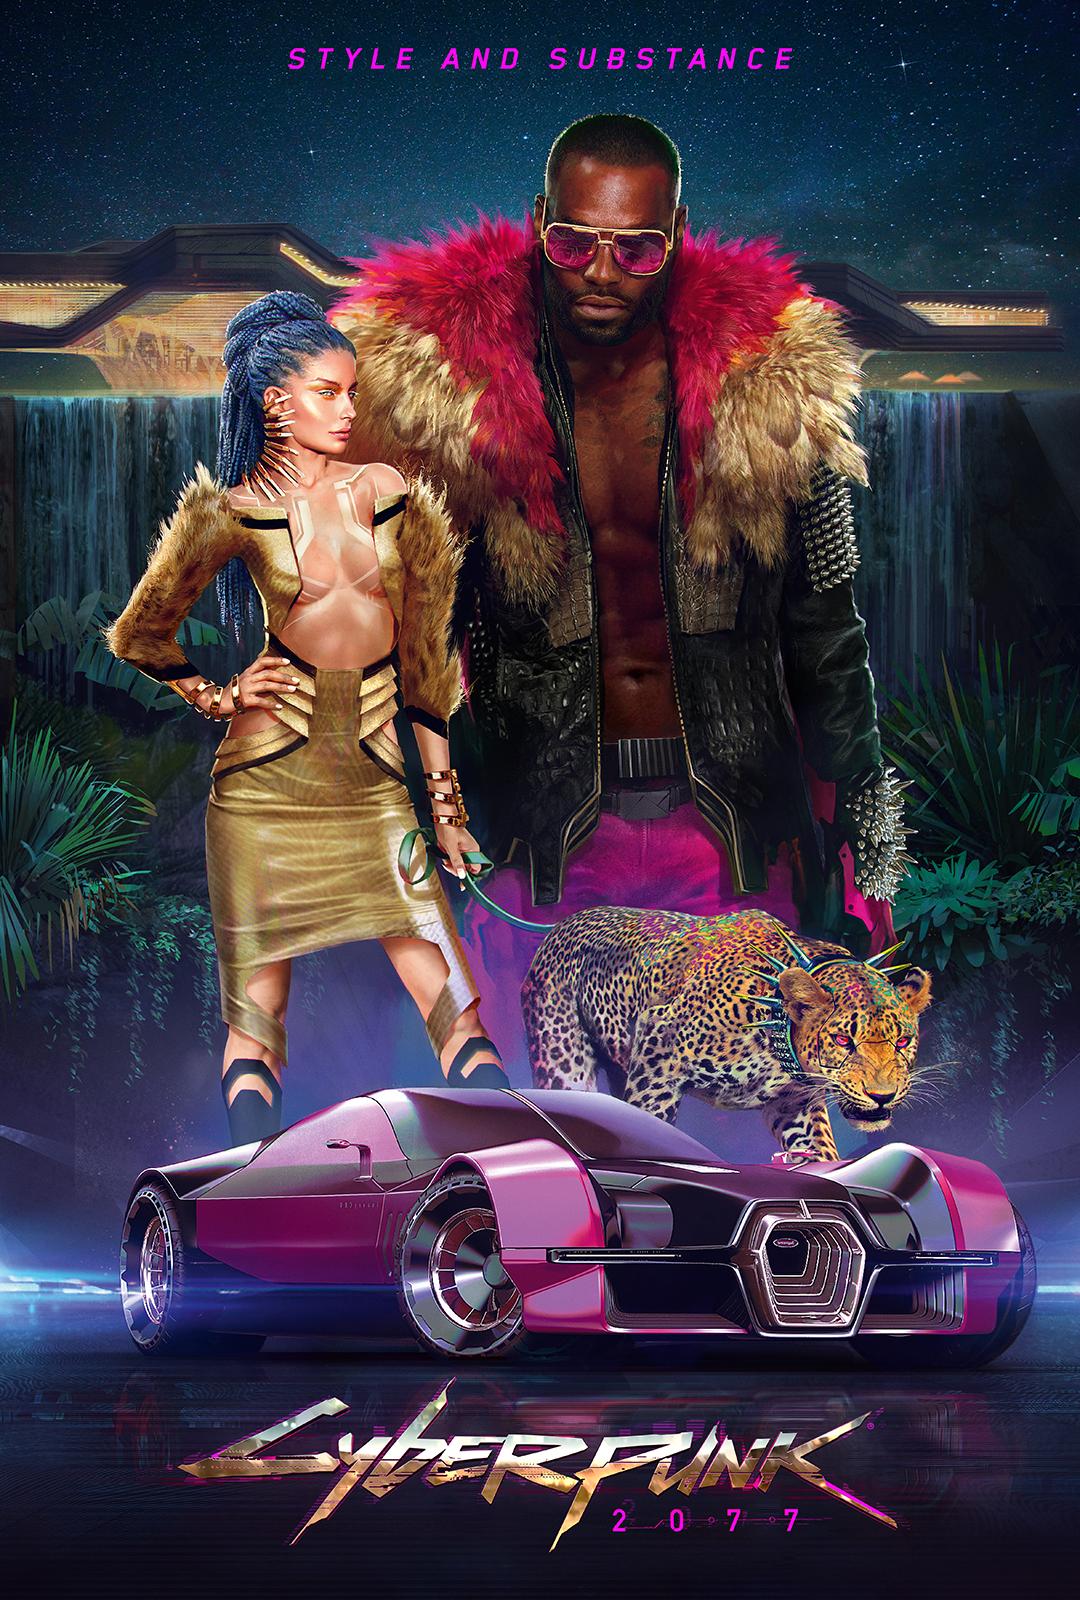 Cyberpunk2077_Styles-Neokitsch-RGB_small_c3qaskzckf1jhji6.png